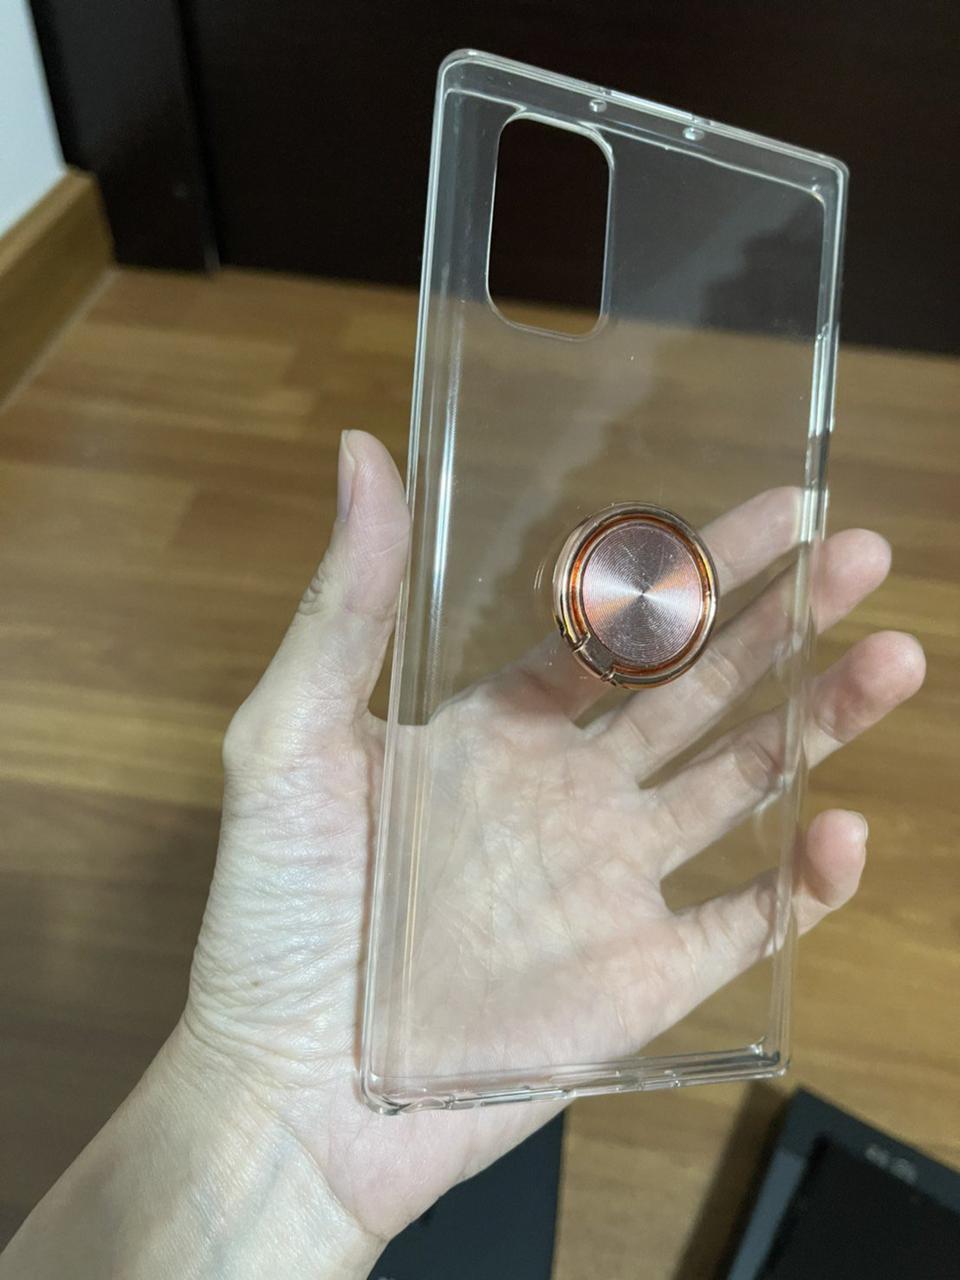 ขาย Samsung Note 10 + AuraBlack สภาพสวยมาก ของแท้ อุปกรณ์ครบยกกล่อง รูปที่ 5